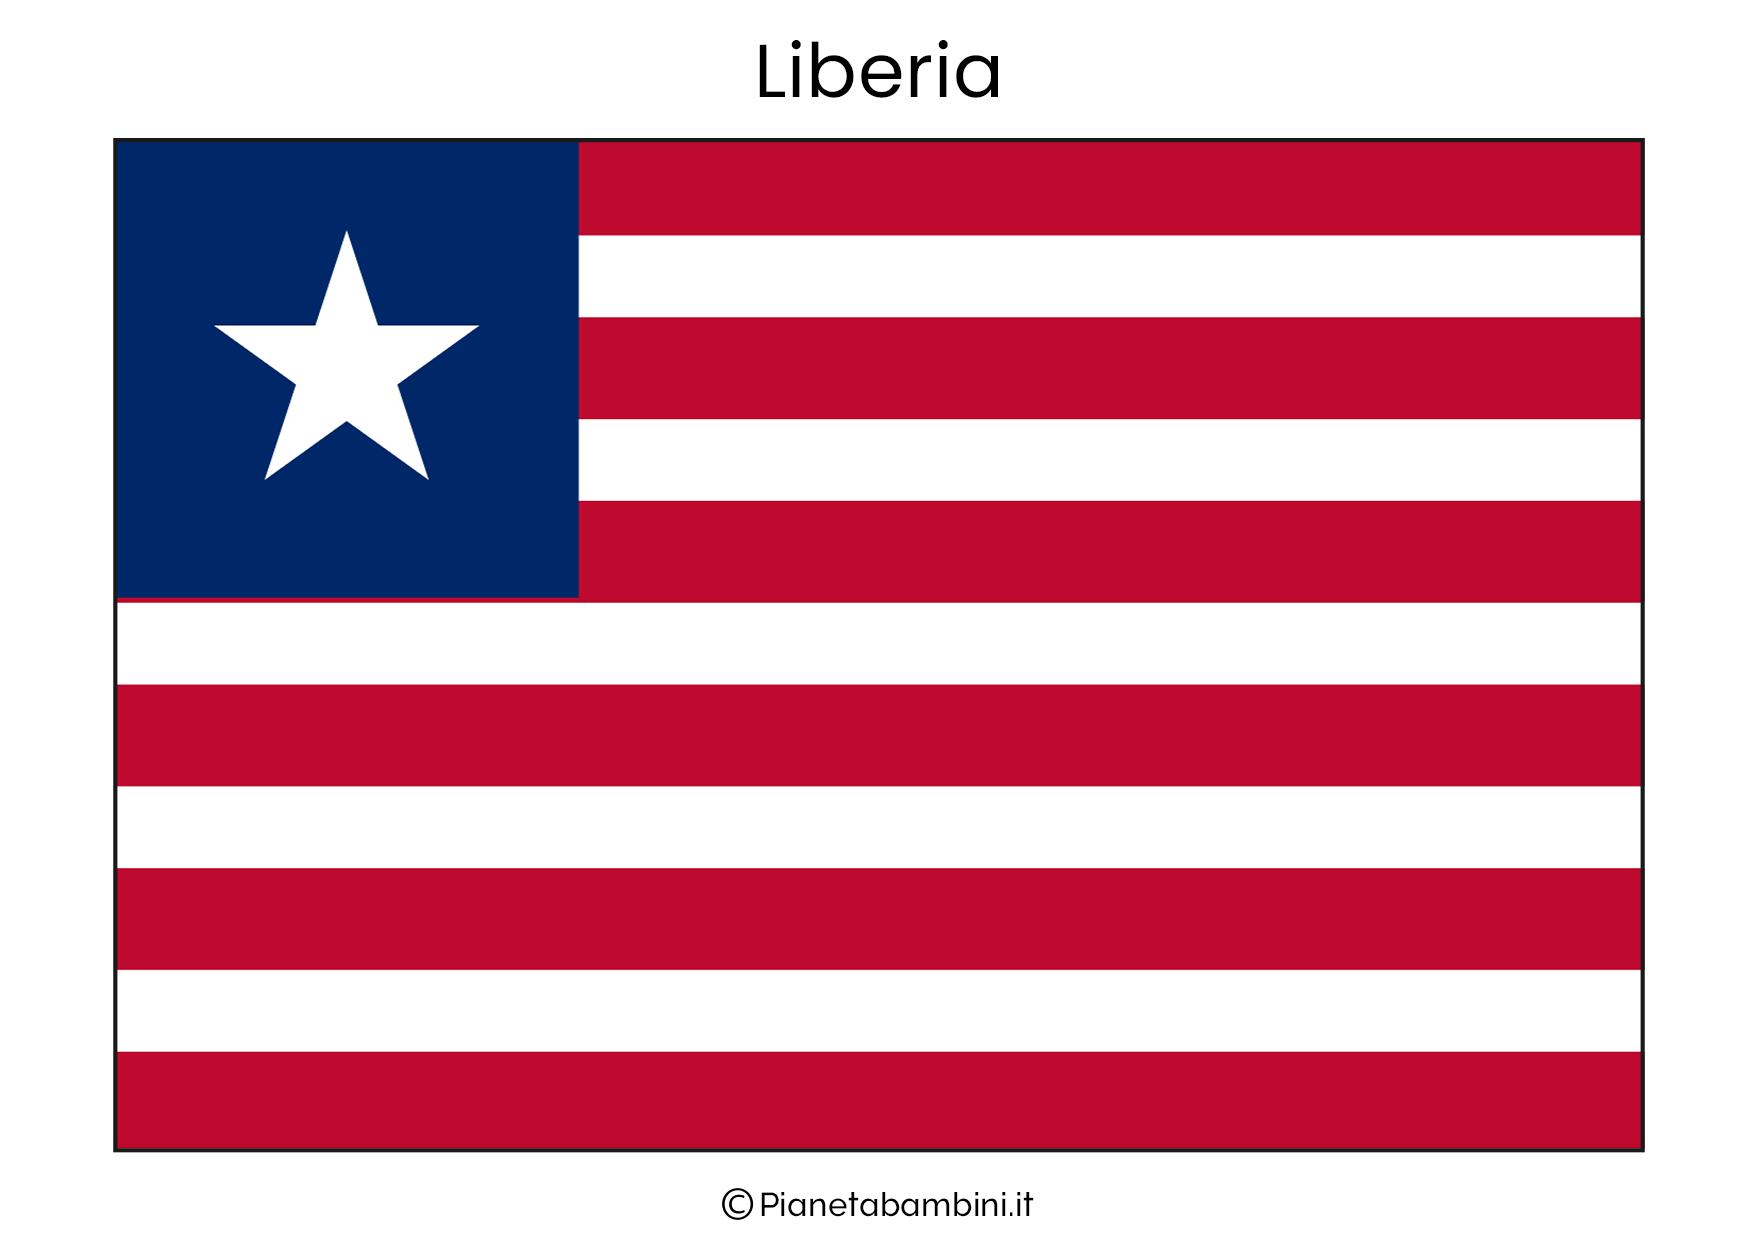 Bandiera della Liberia da stampare